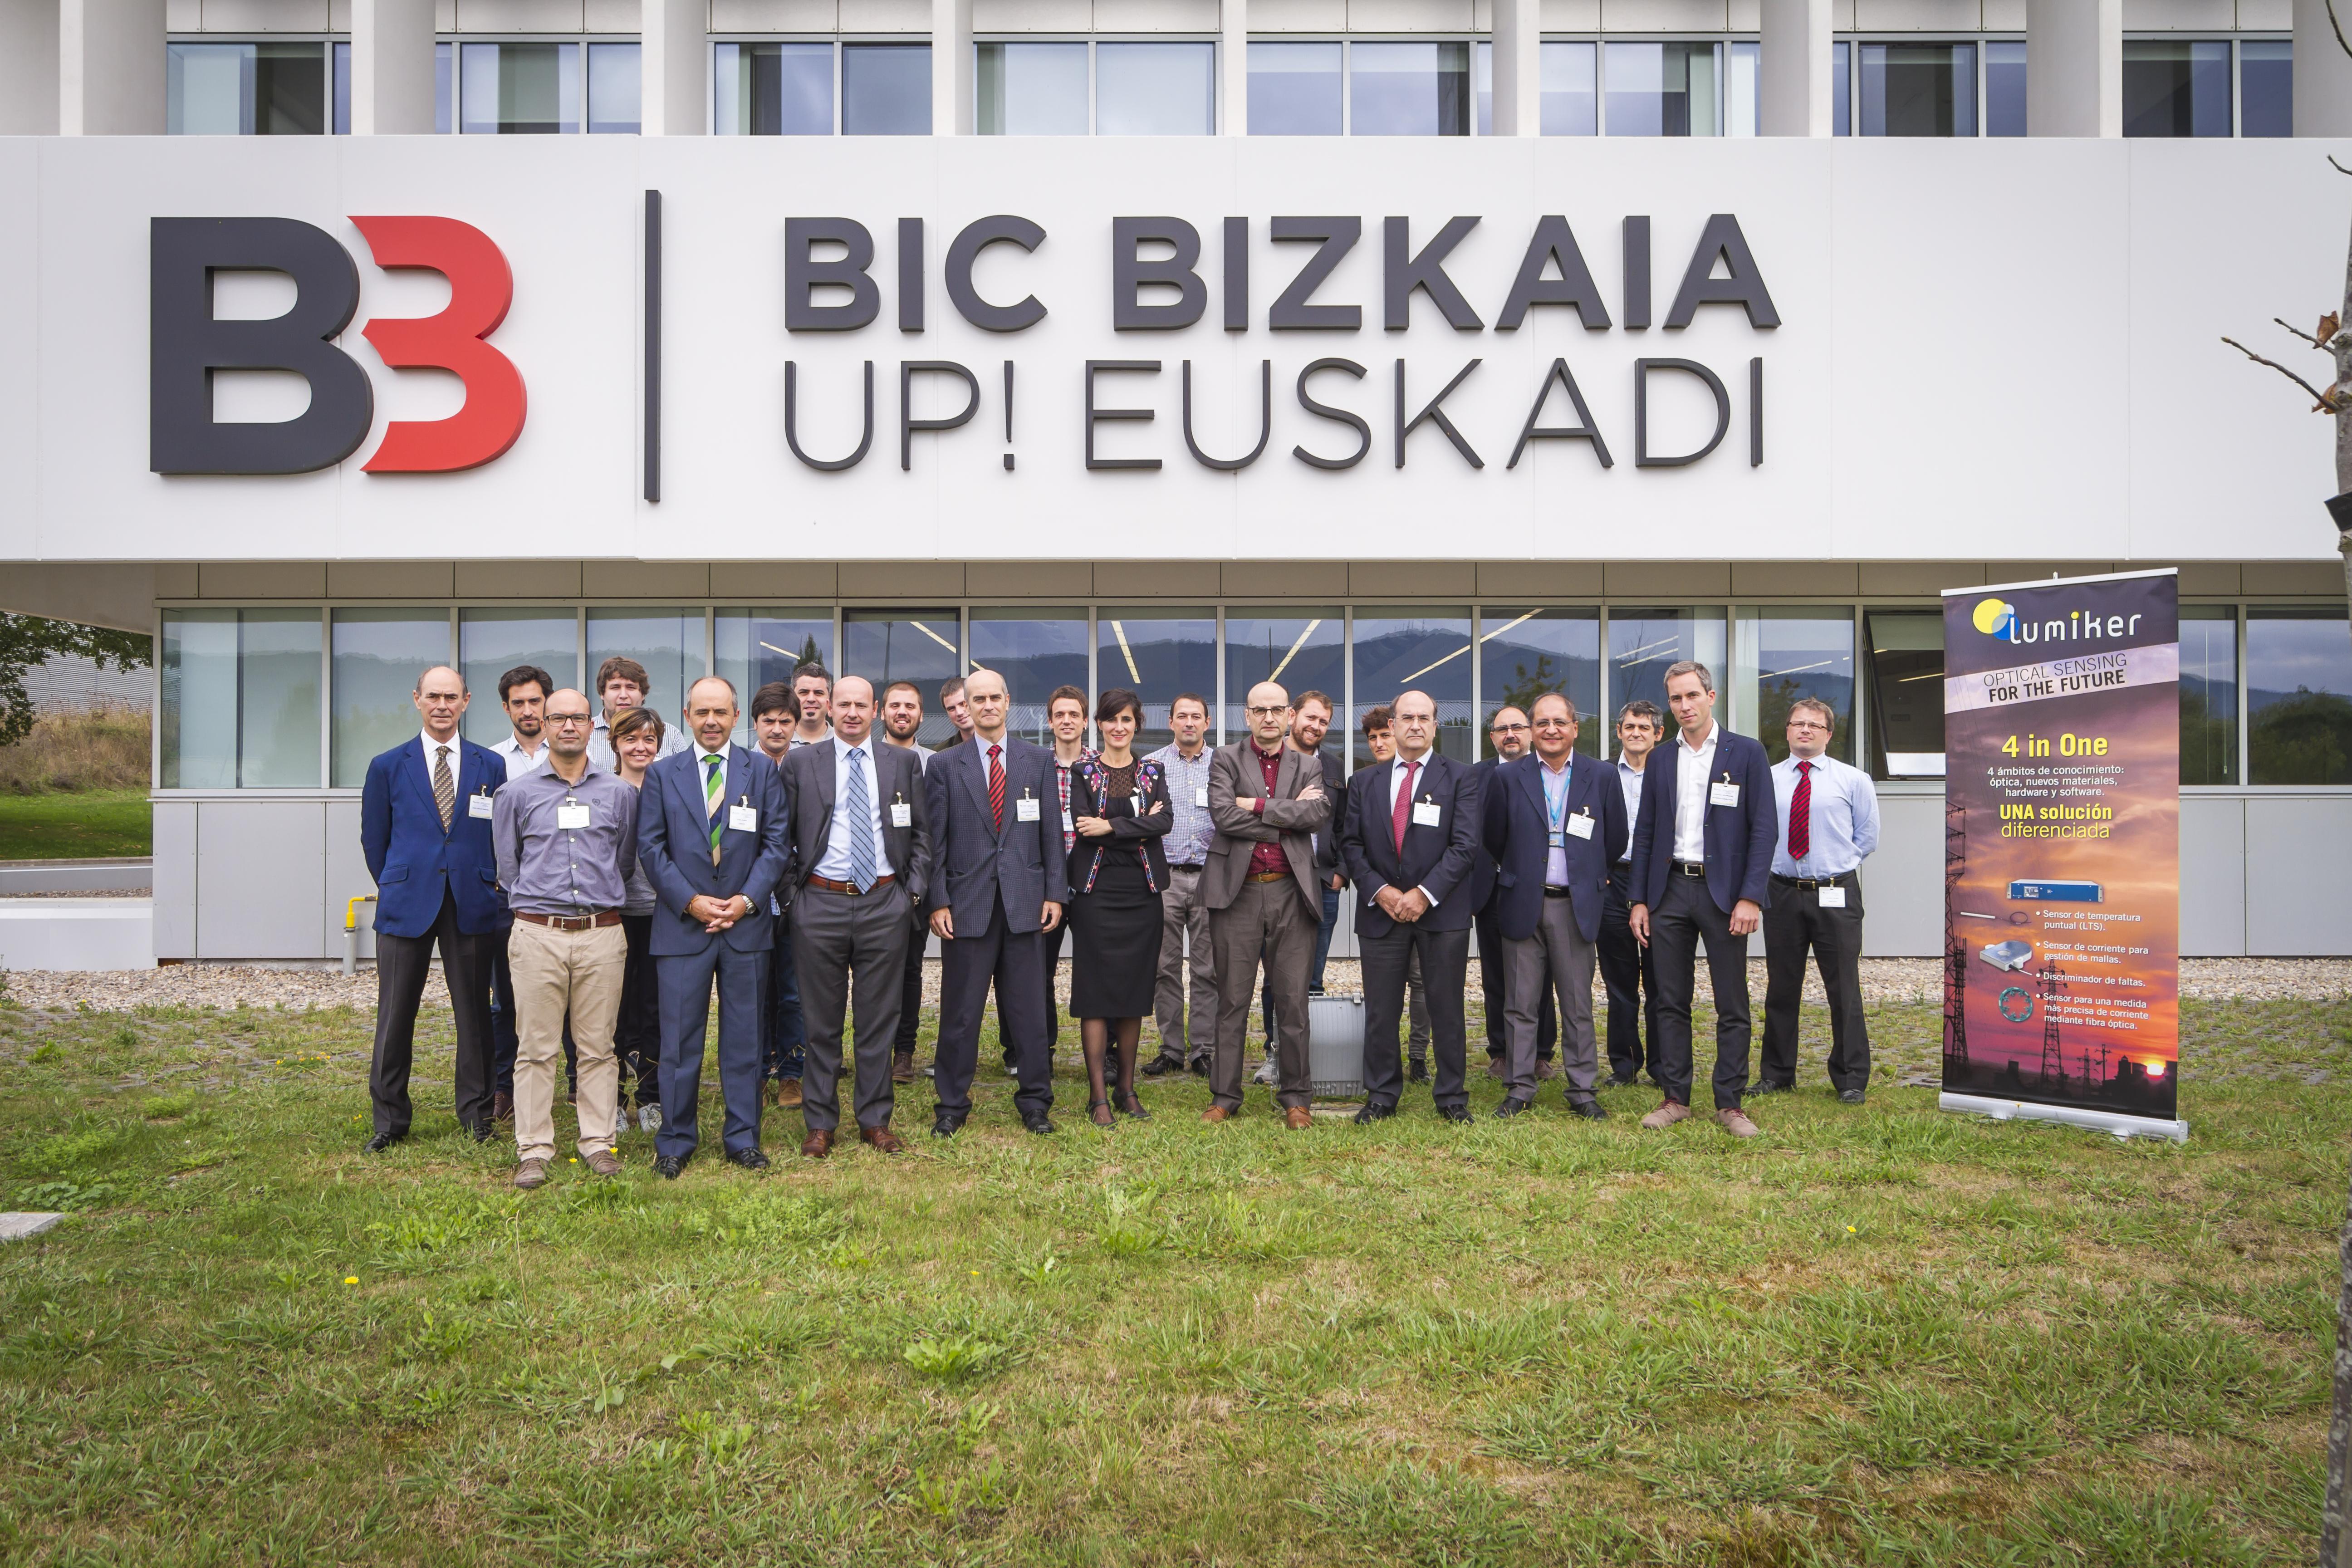 Representantes del sector eléctrico en el encuentro organiizado por Lumiker.